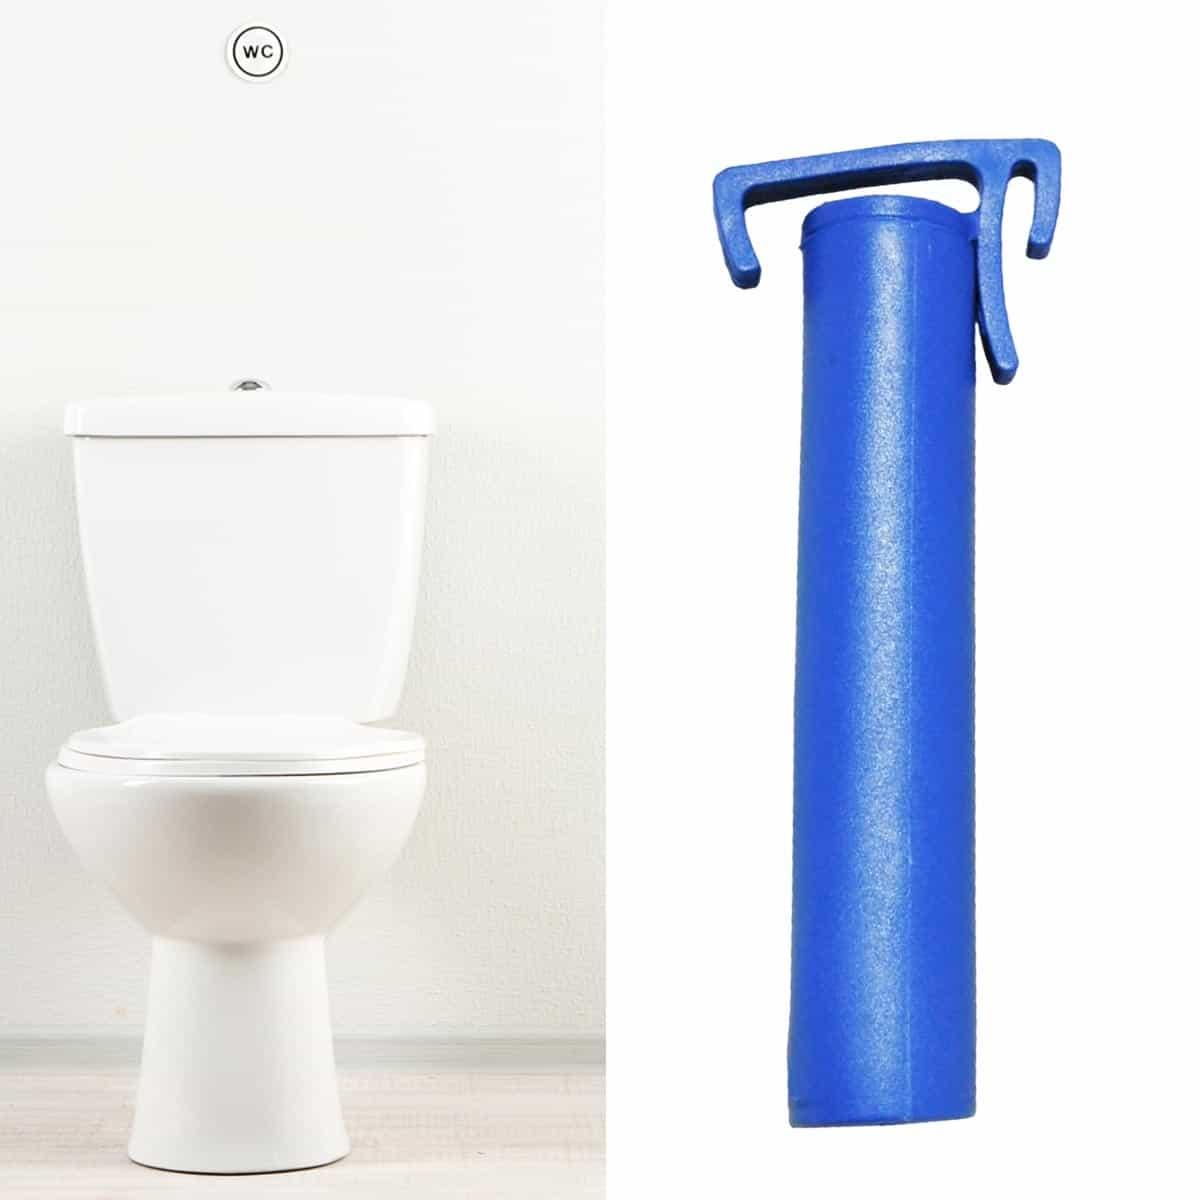 poids pour r duire la consommation d 39 eau des wc economie d 39 nergie. Black Bedroom Furniture Sets. Home Design Ideas